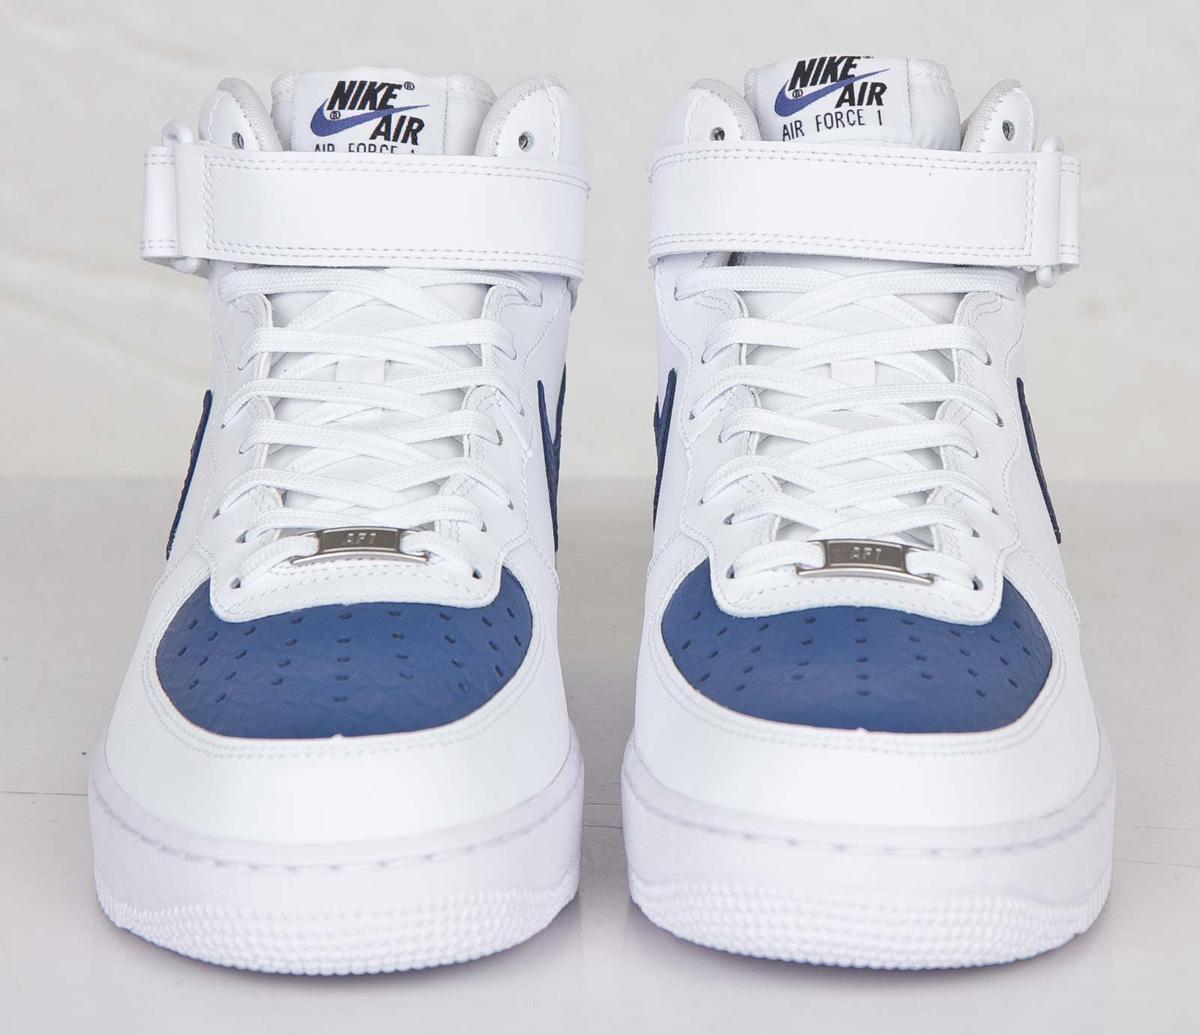 Nike Air Force 1 Mid Blanc Bleu Légendaire vente explorer magasin en ligne commercialisable libre choix d'expédition Ne8m79u3